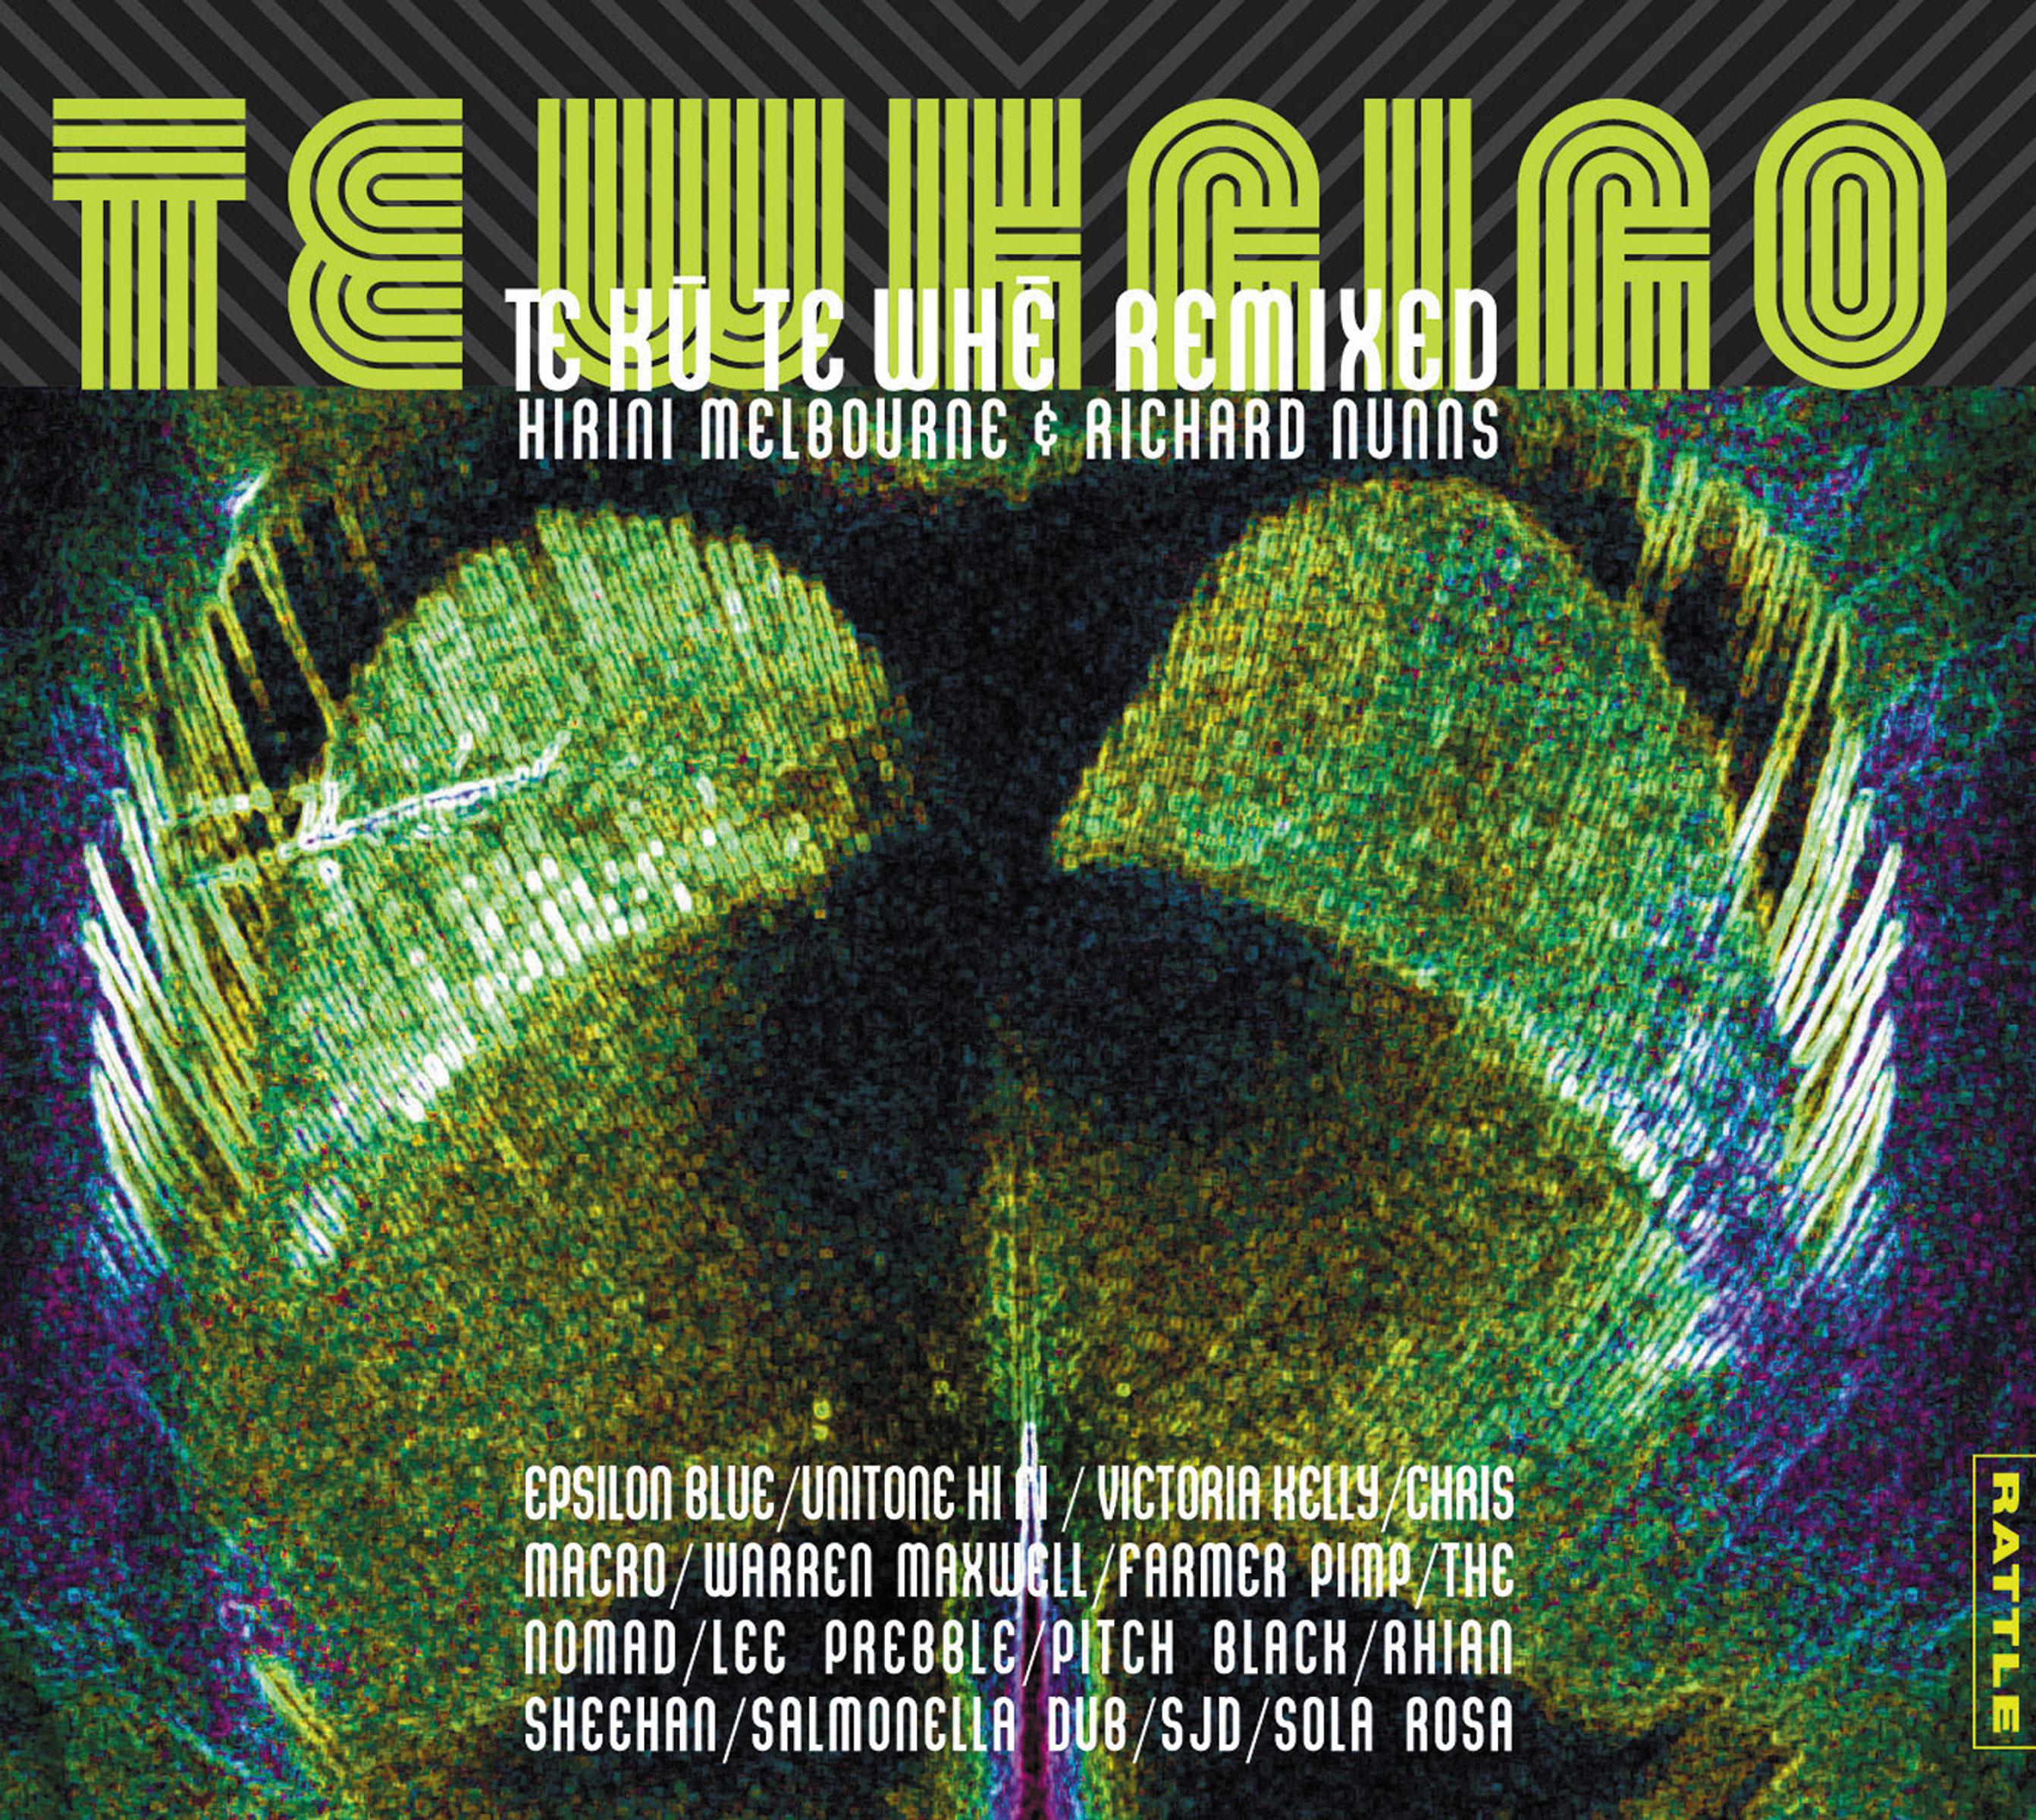 Te Whaiao | Te Kū Te Whē Remixed - CD